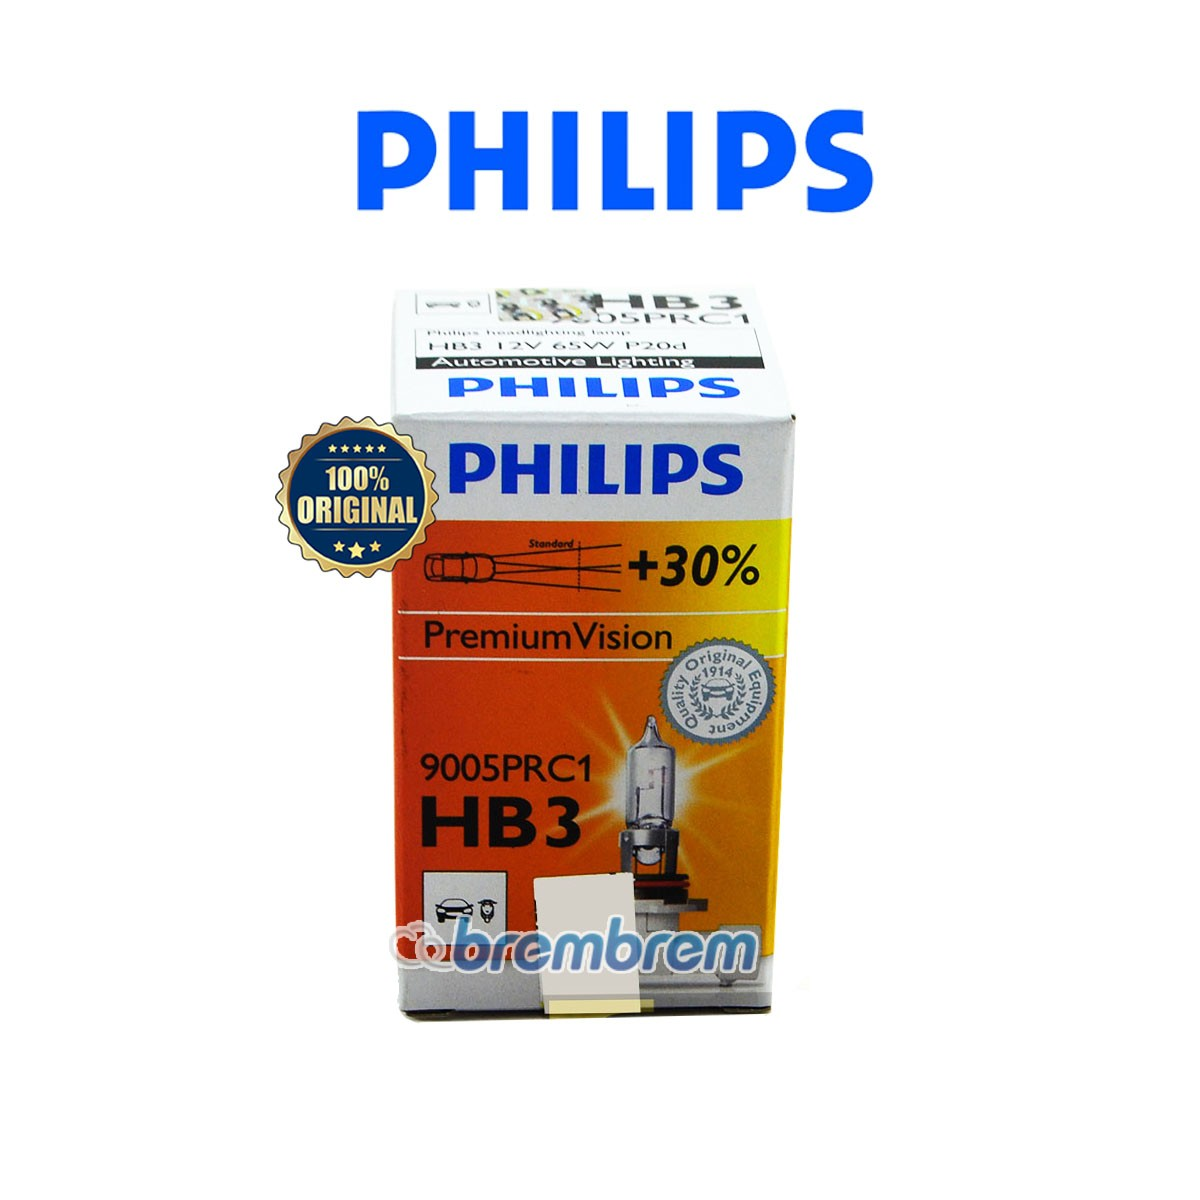 PHILIPS PREMIUM VISION HB3 - LAMPU HALOGEN